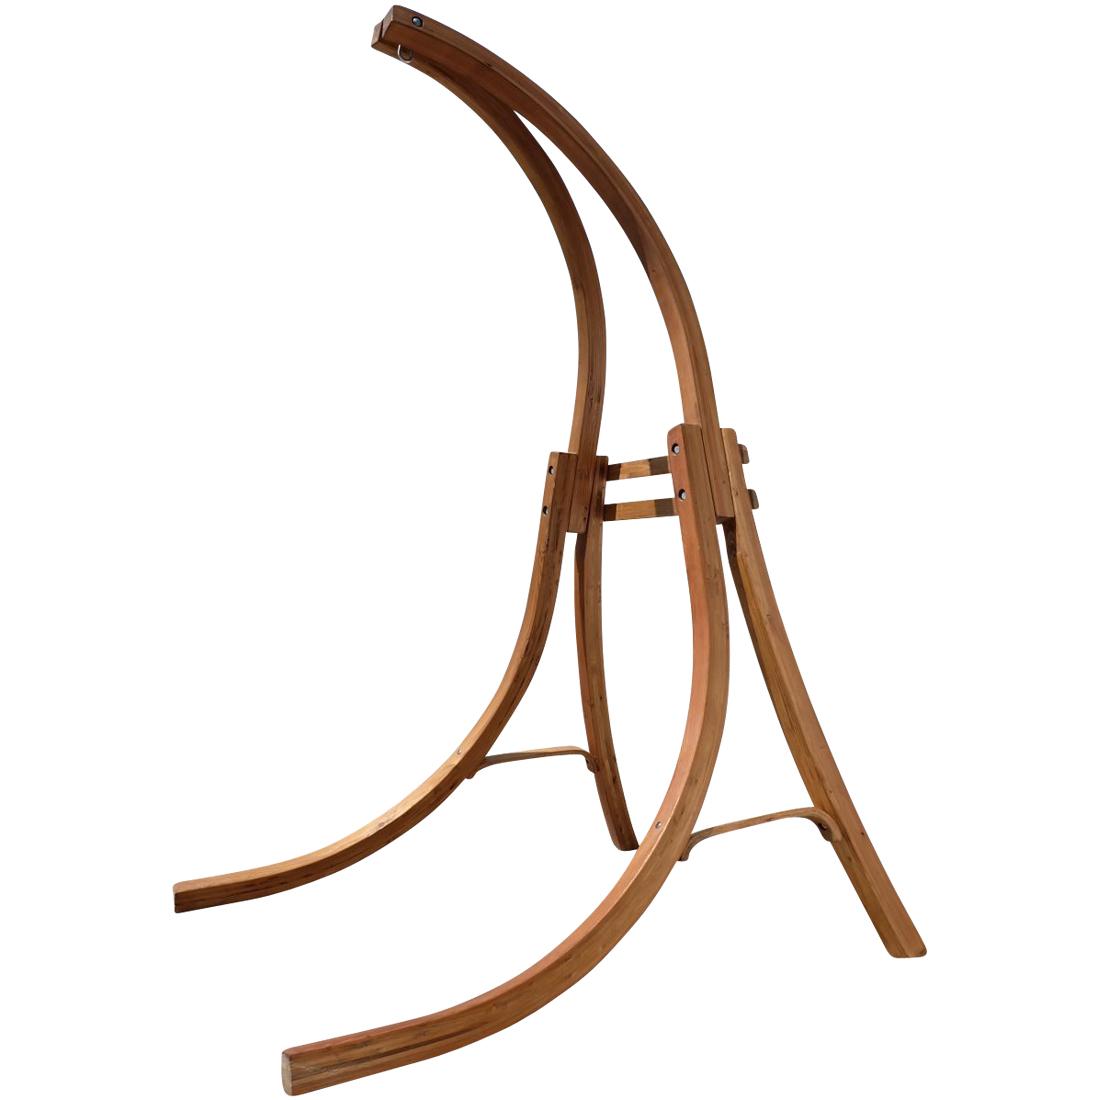 Hängesessel mit Gestell aus Holz Lärche Modell: CAT-CRUZ komplett mit Stoffsessel